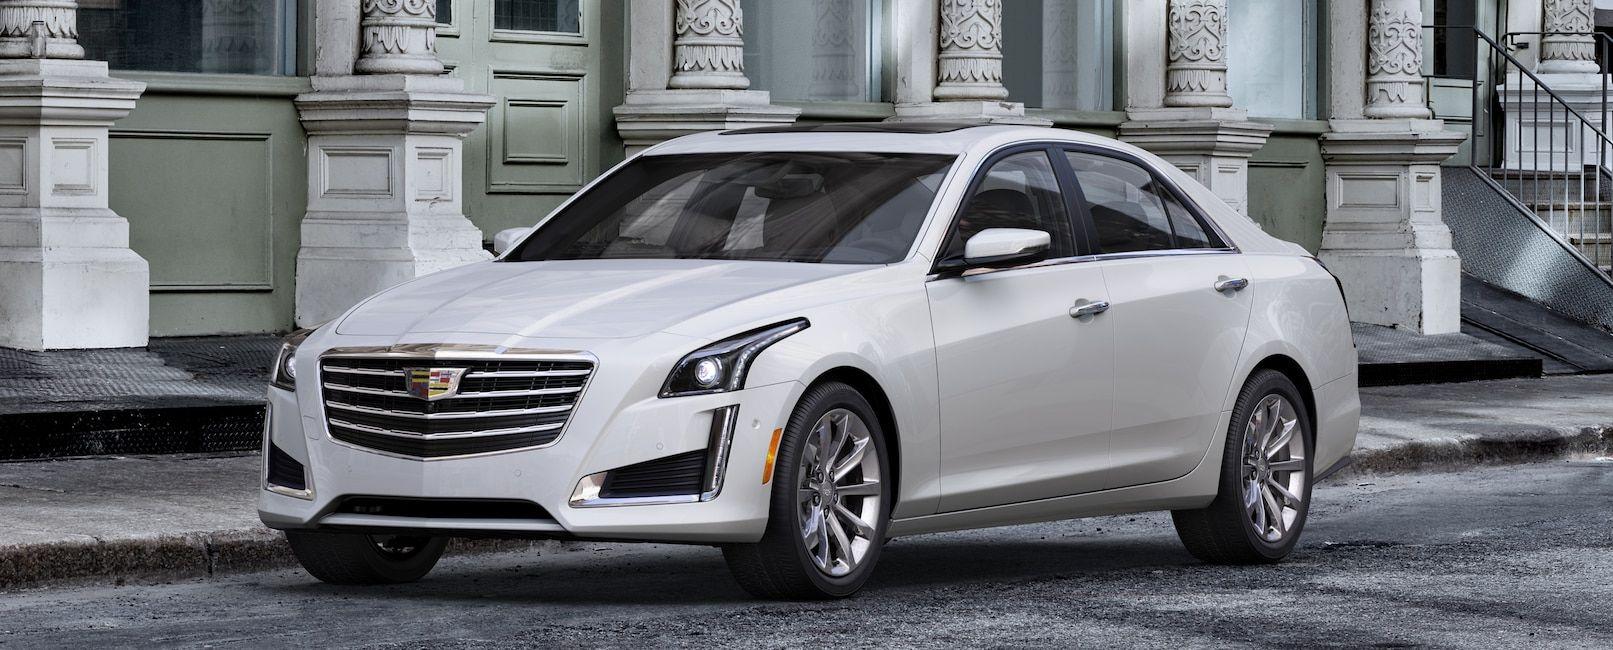 Pin On 2019 Cadillac Cts